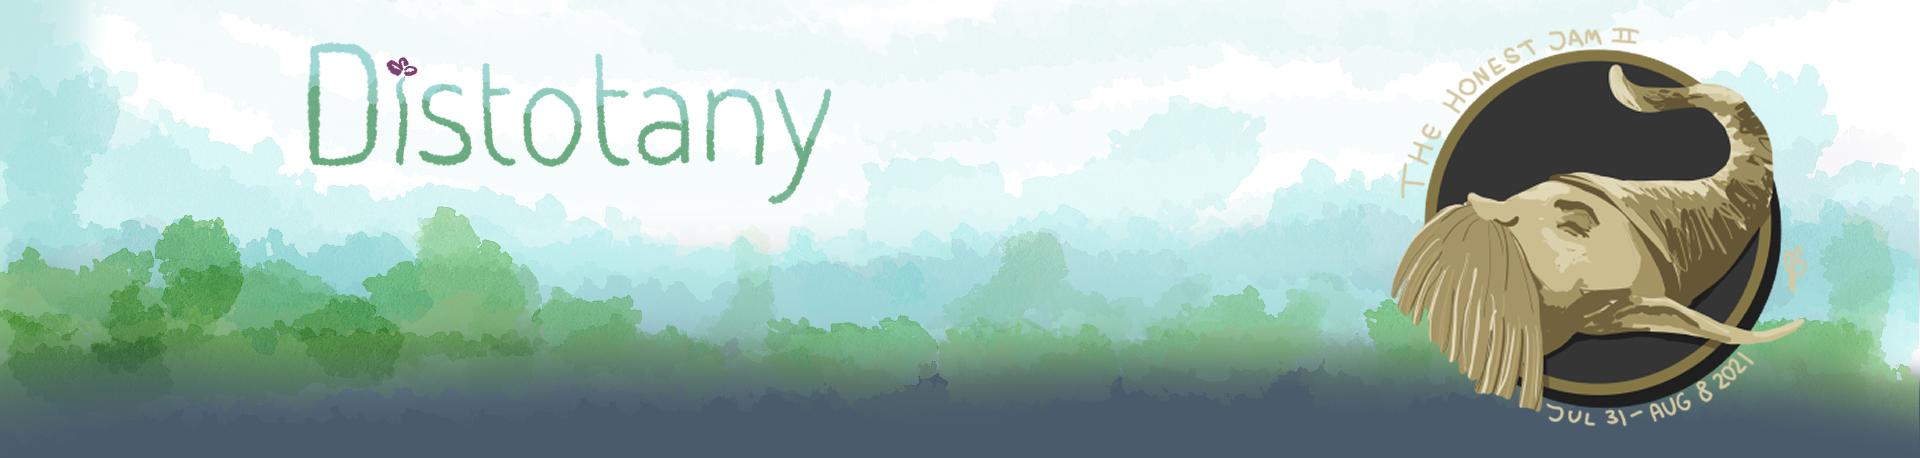 Distotany